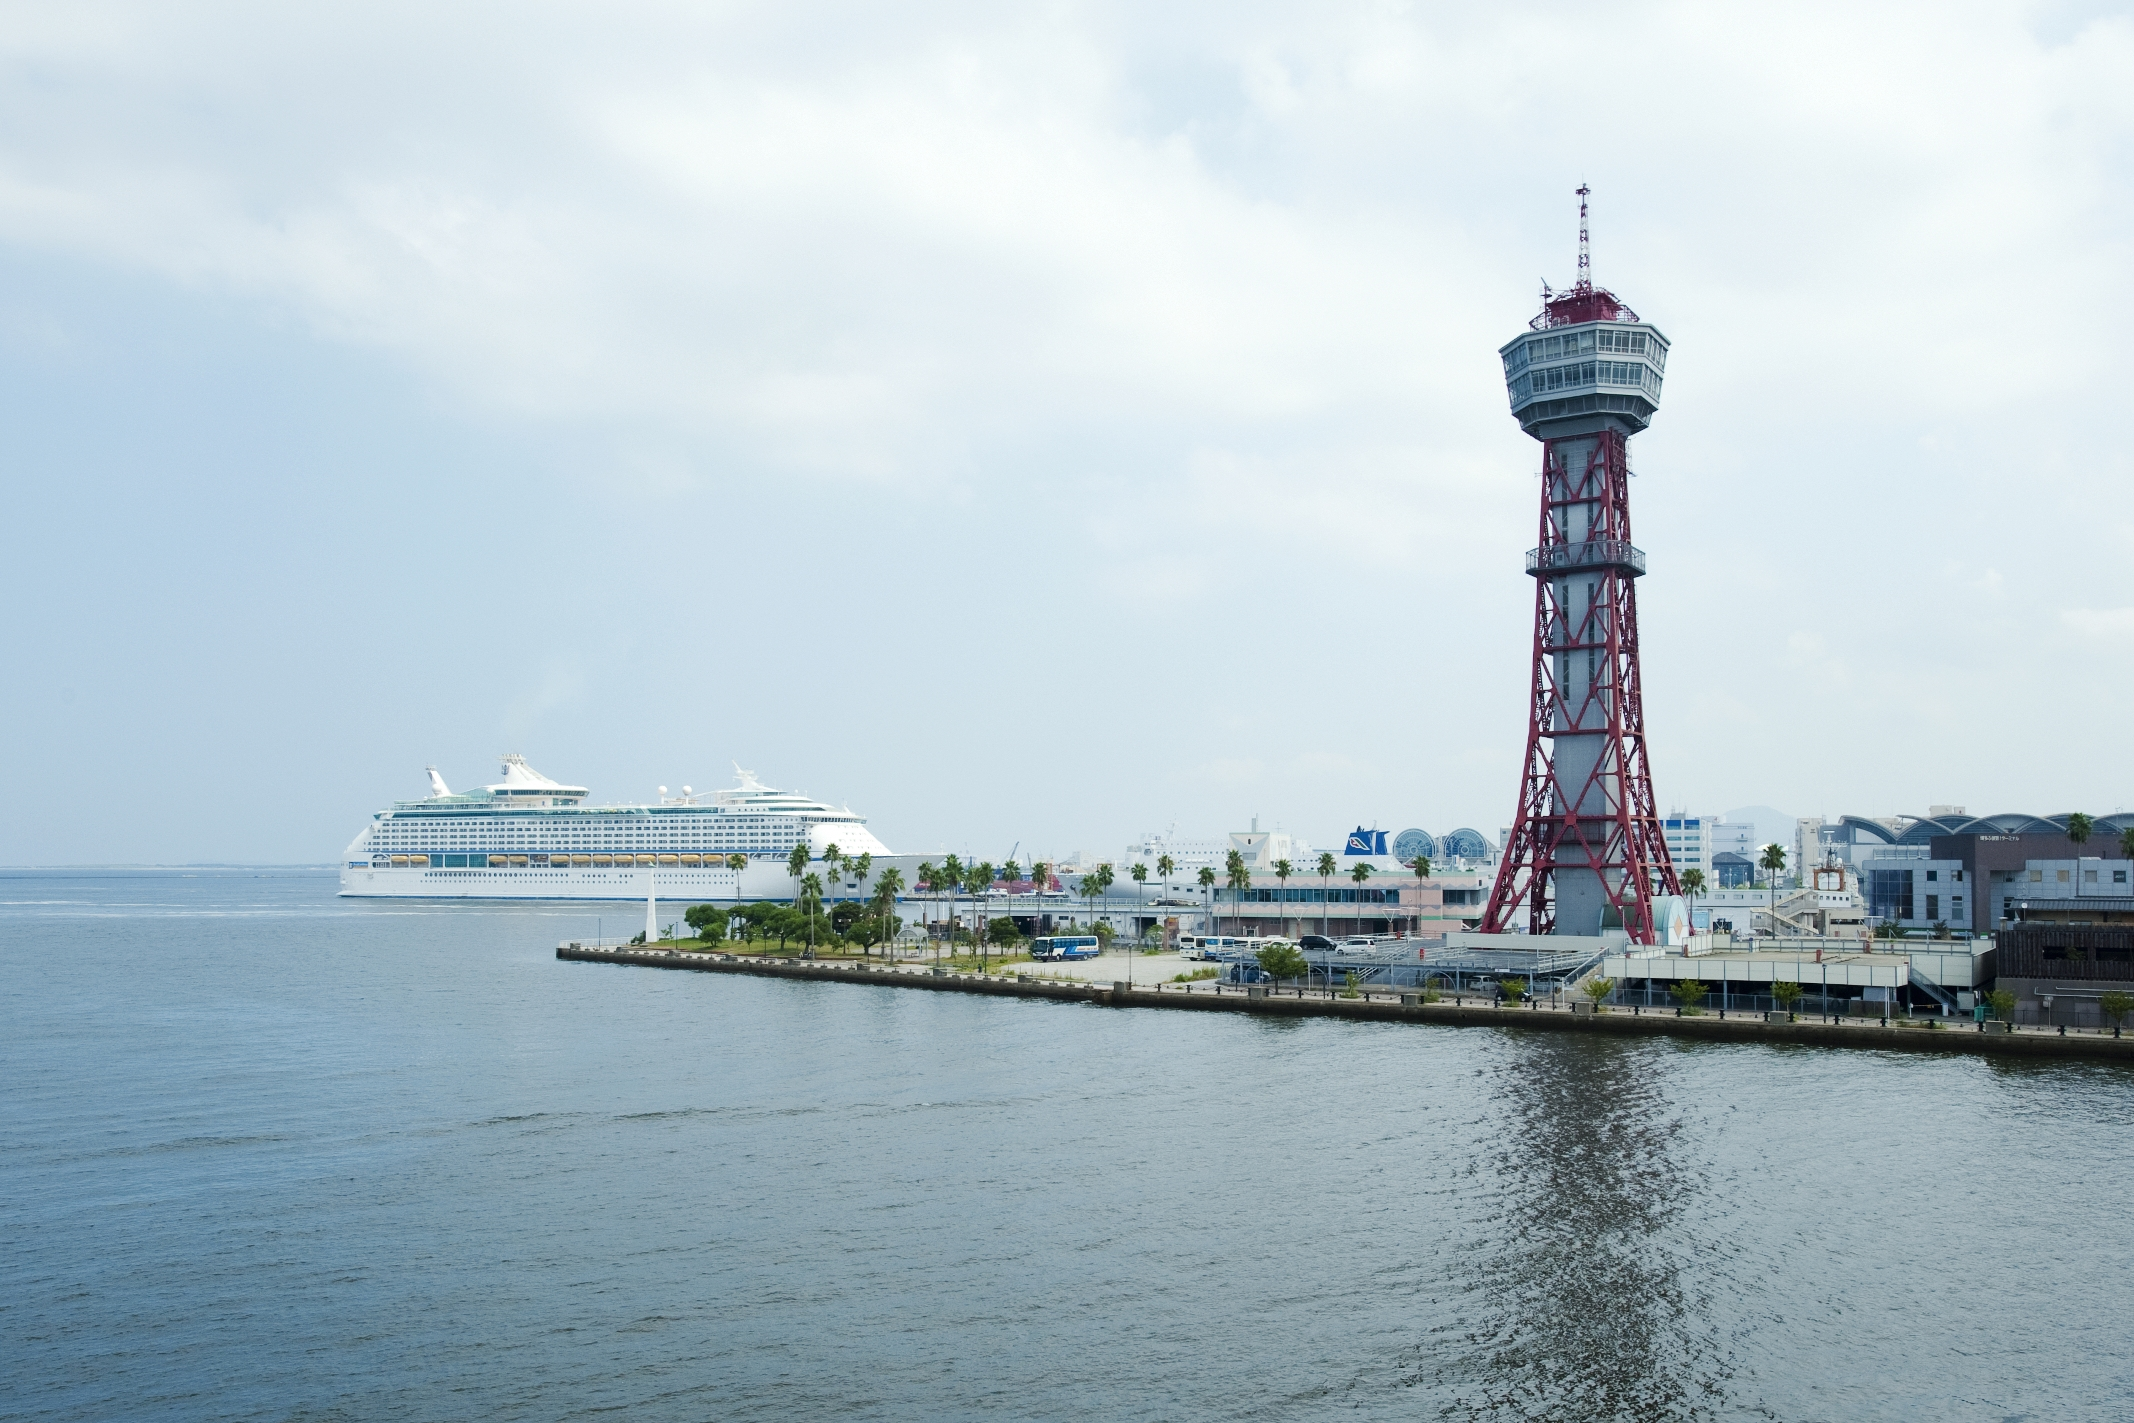 博多ポートタワーとクルーズ船 ボイジャー・オブ・ザ・シーズ(2014)の画像